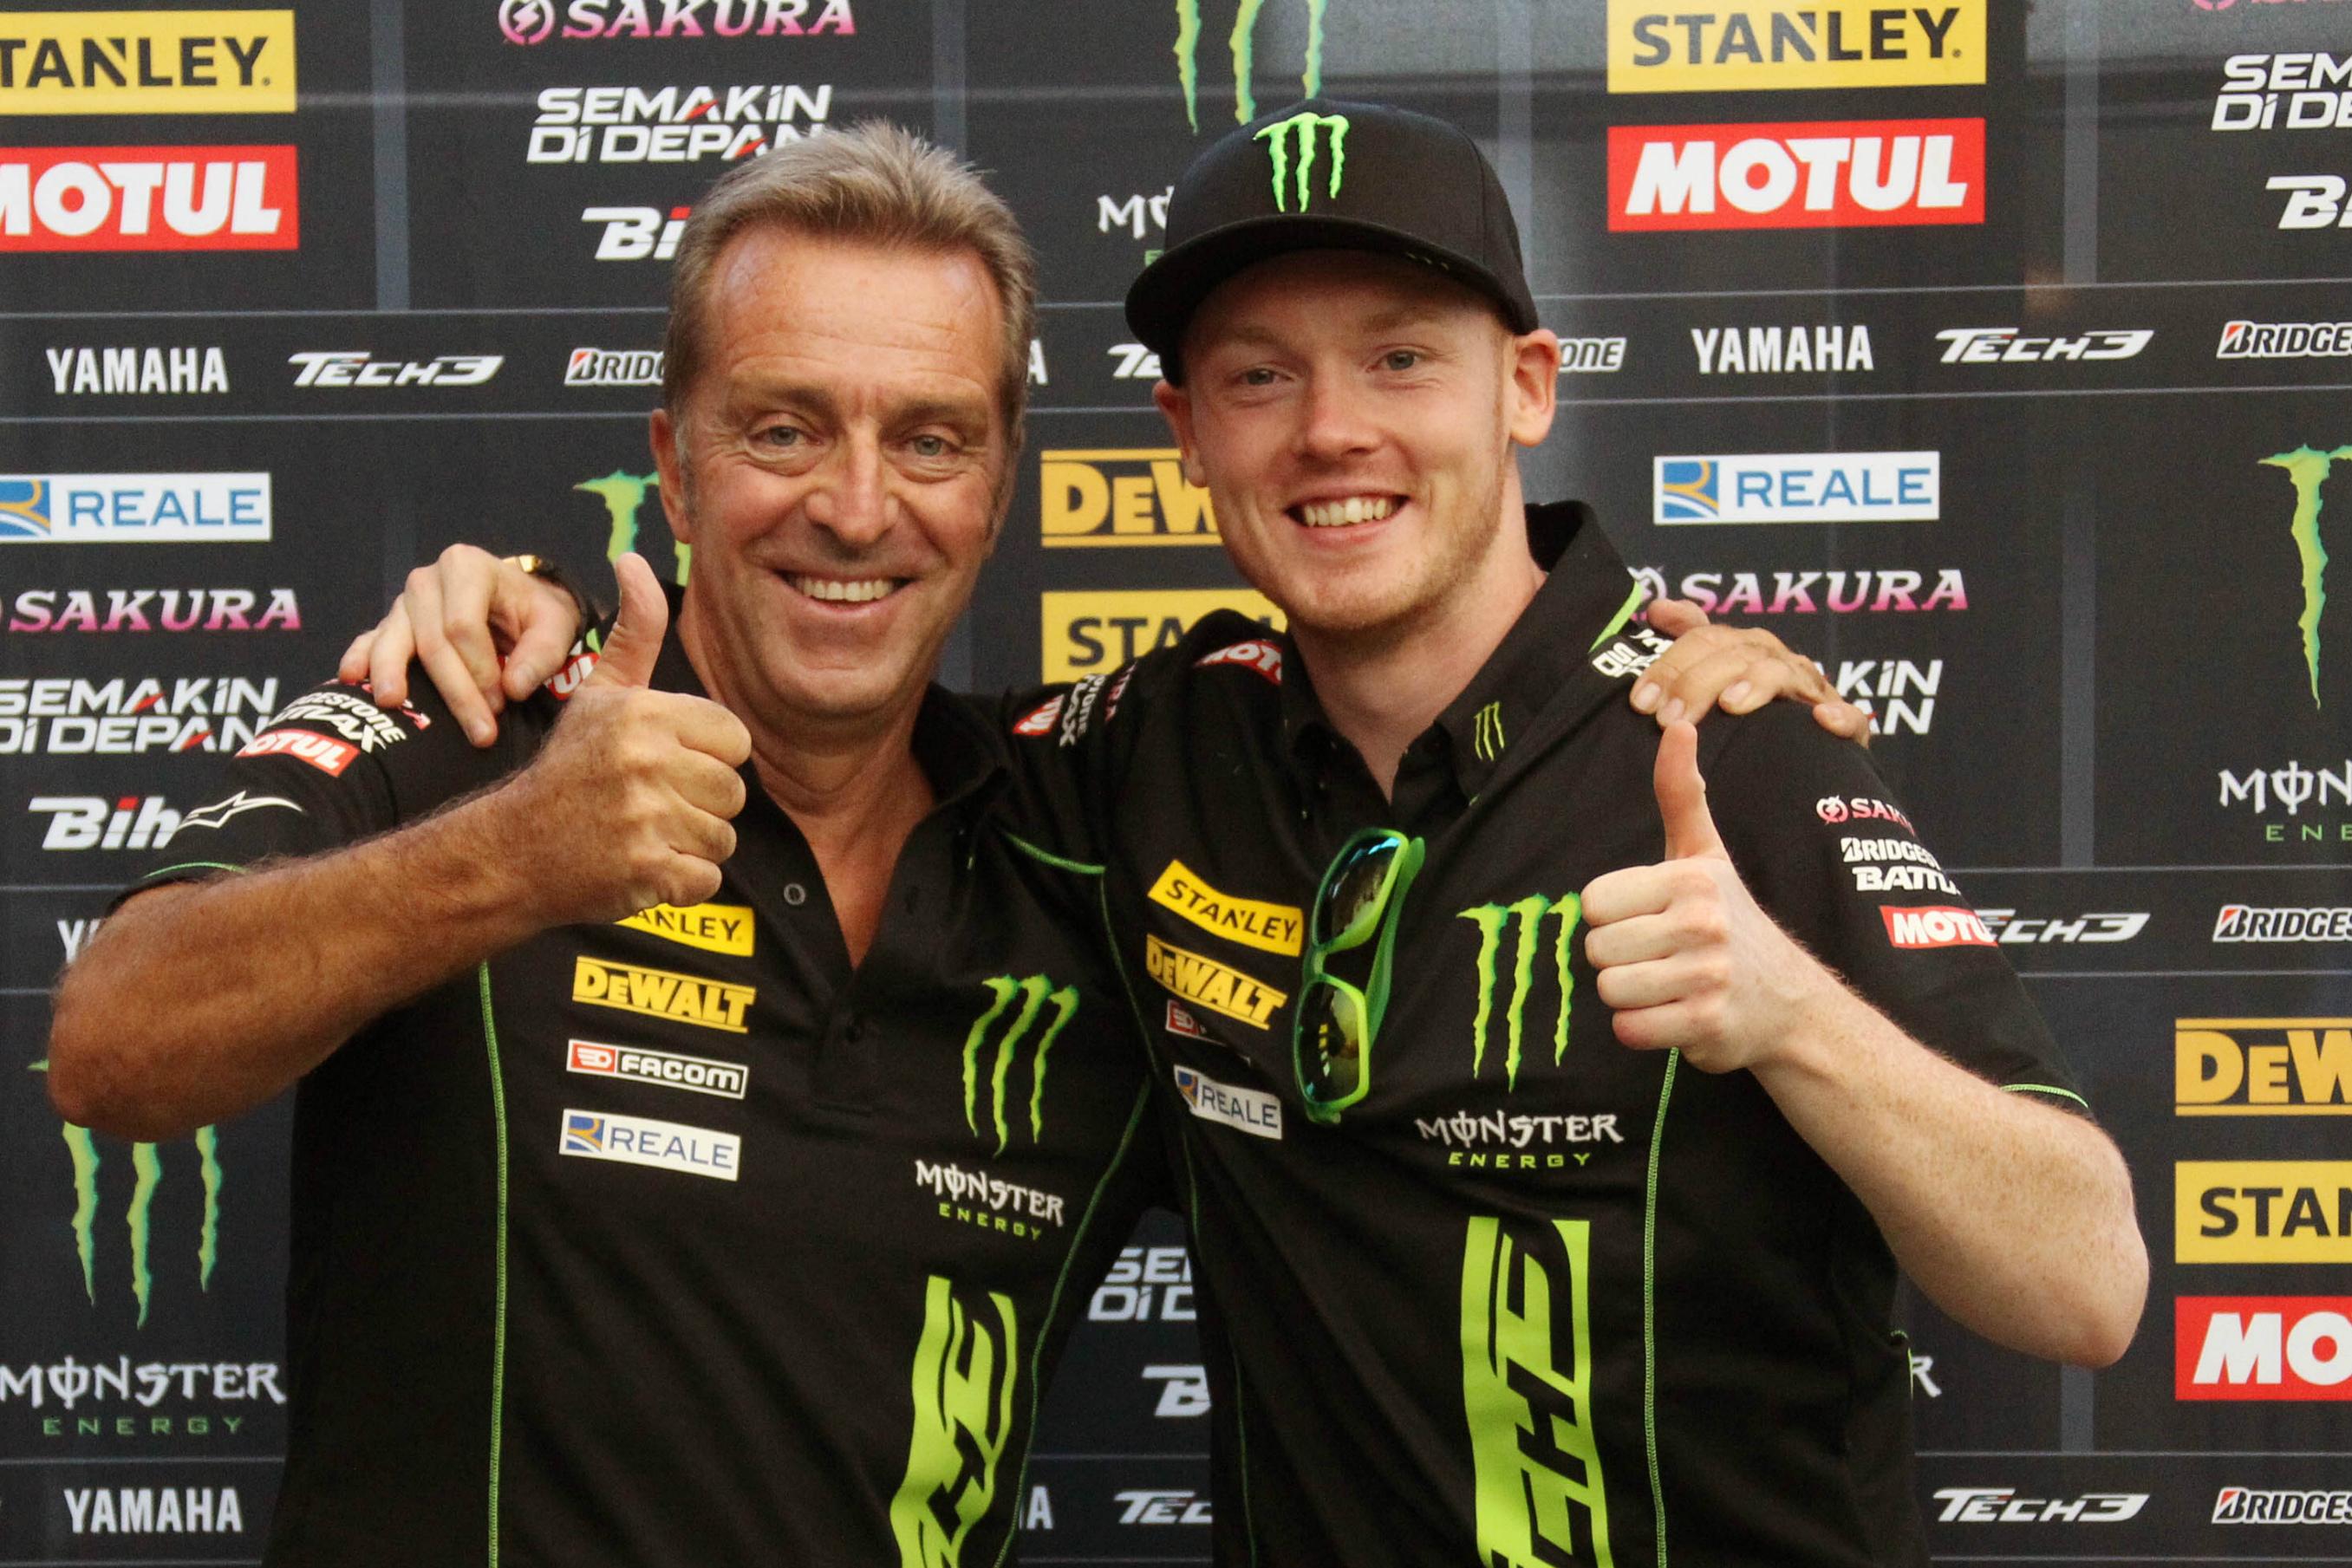 Bradley Smith signs Tech-3 MotoGP deal